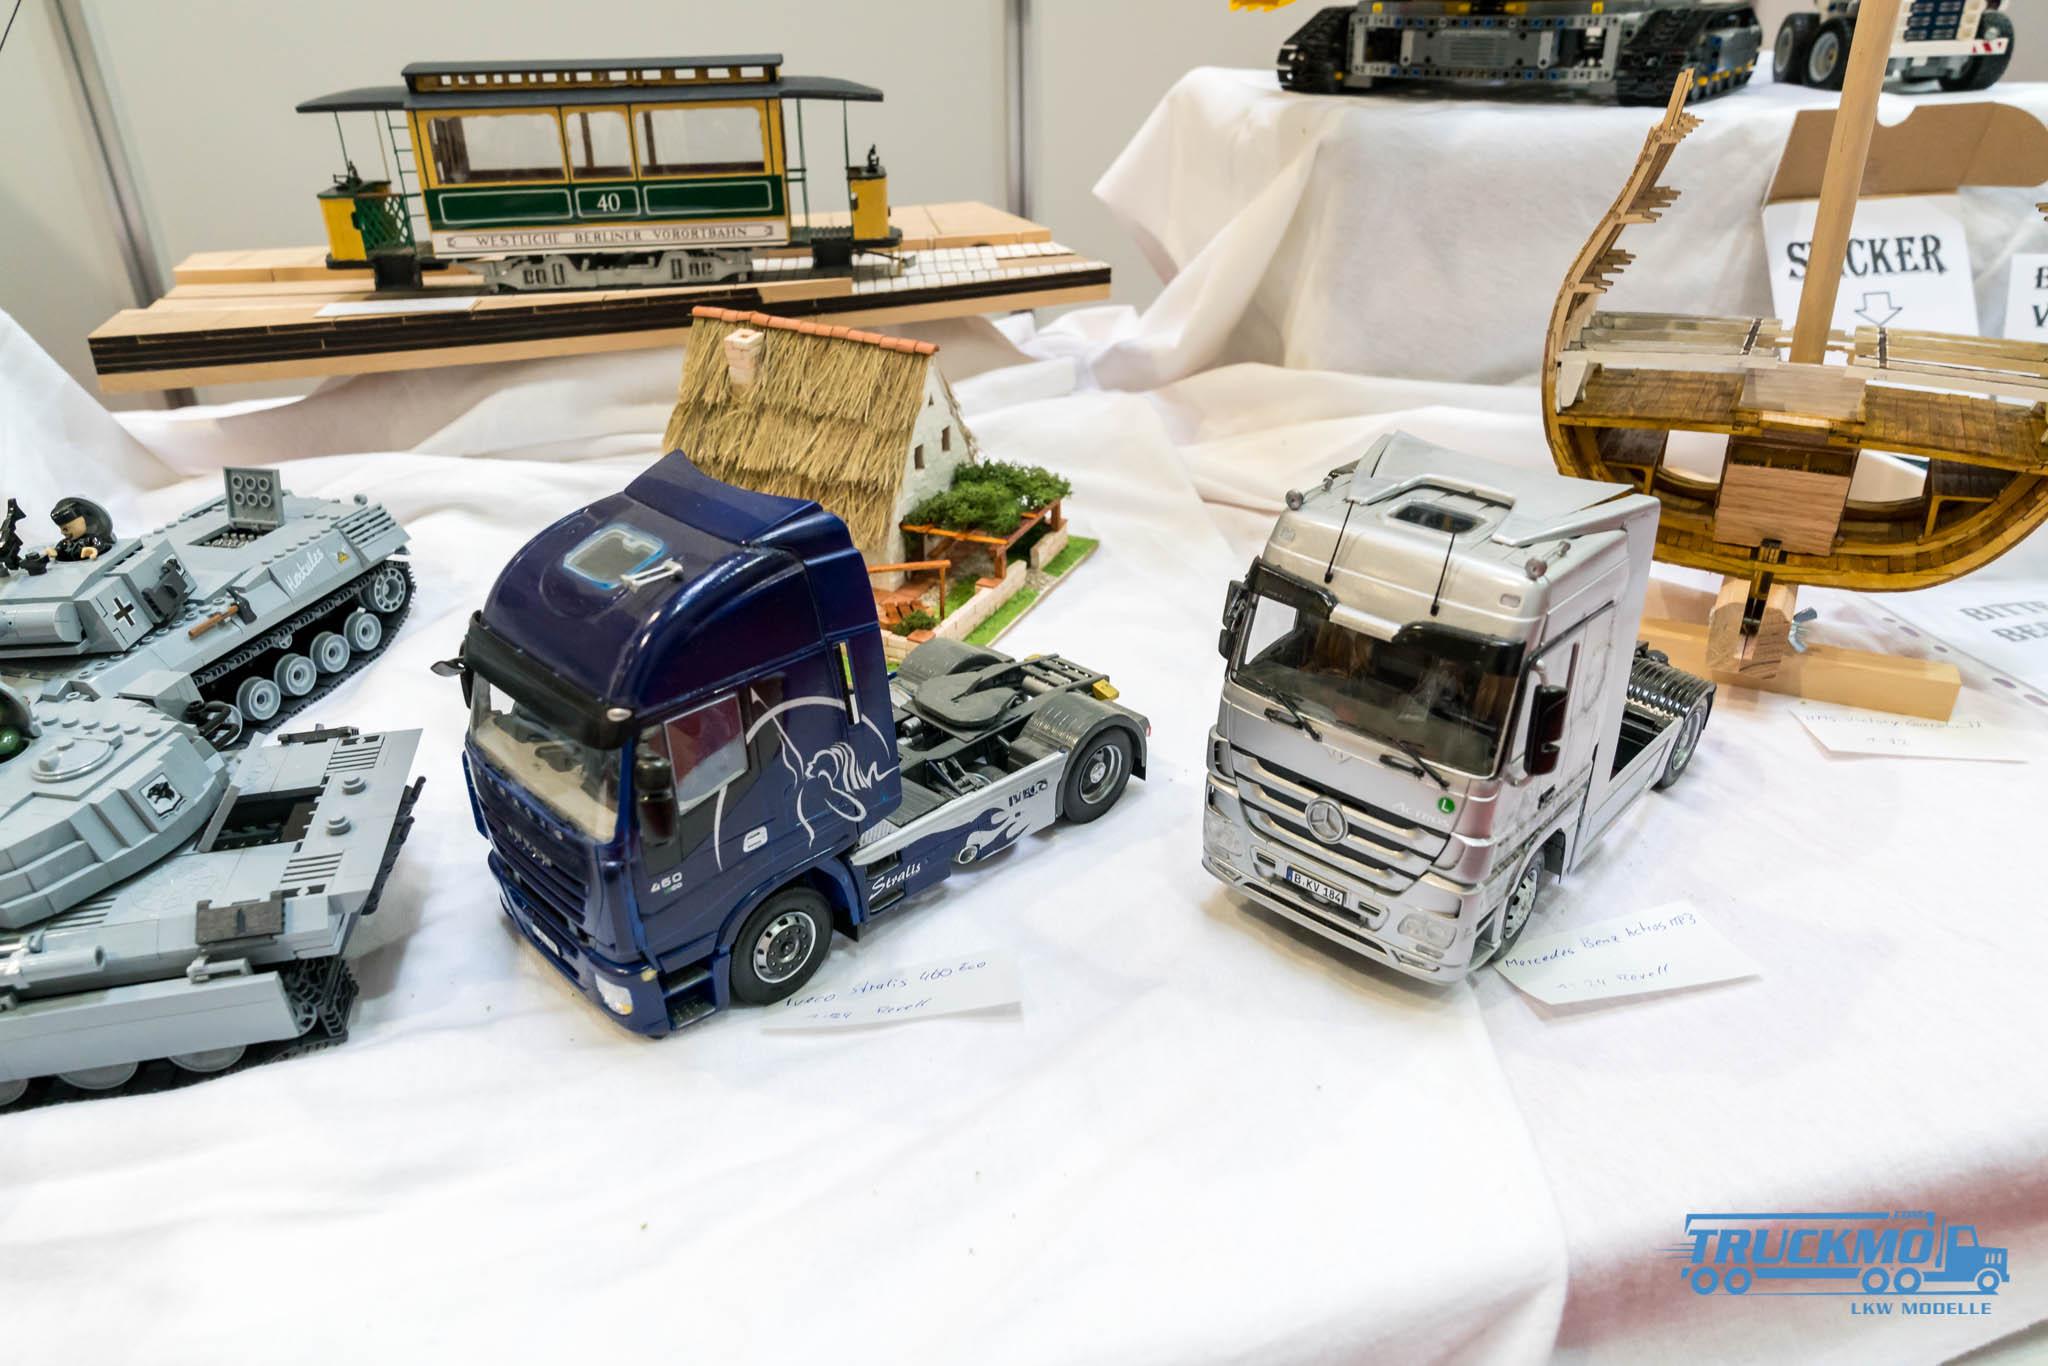 Truckmo_Modellbau_Ried_2017_Herpa_Messe_Modellbauausstellung (549 von 1177)